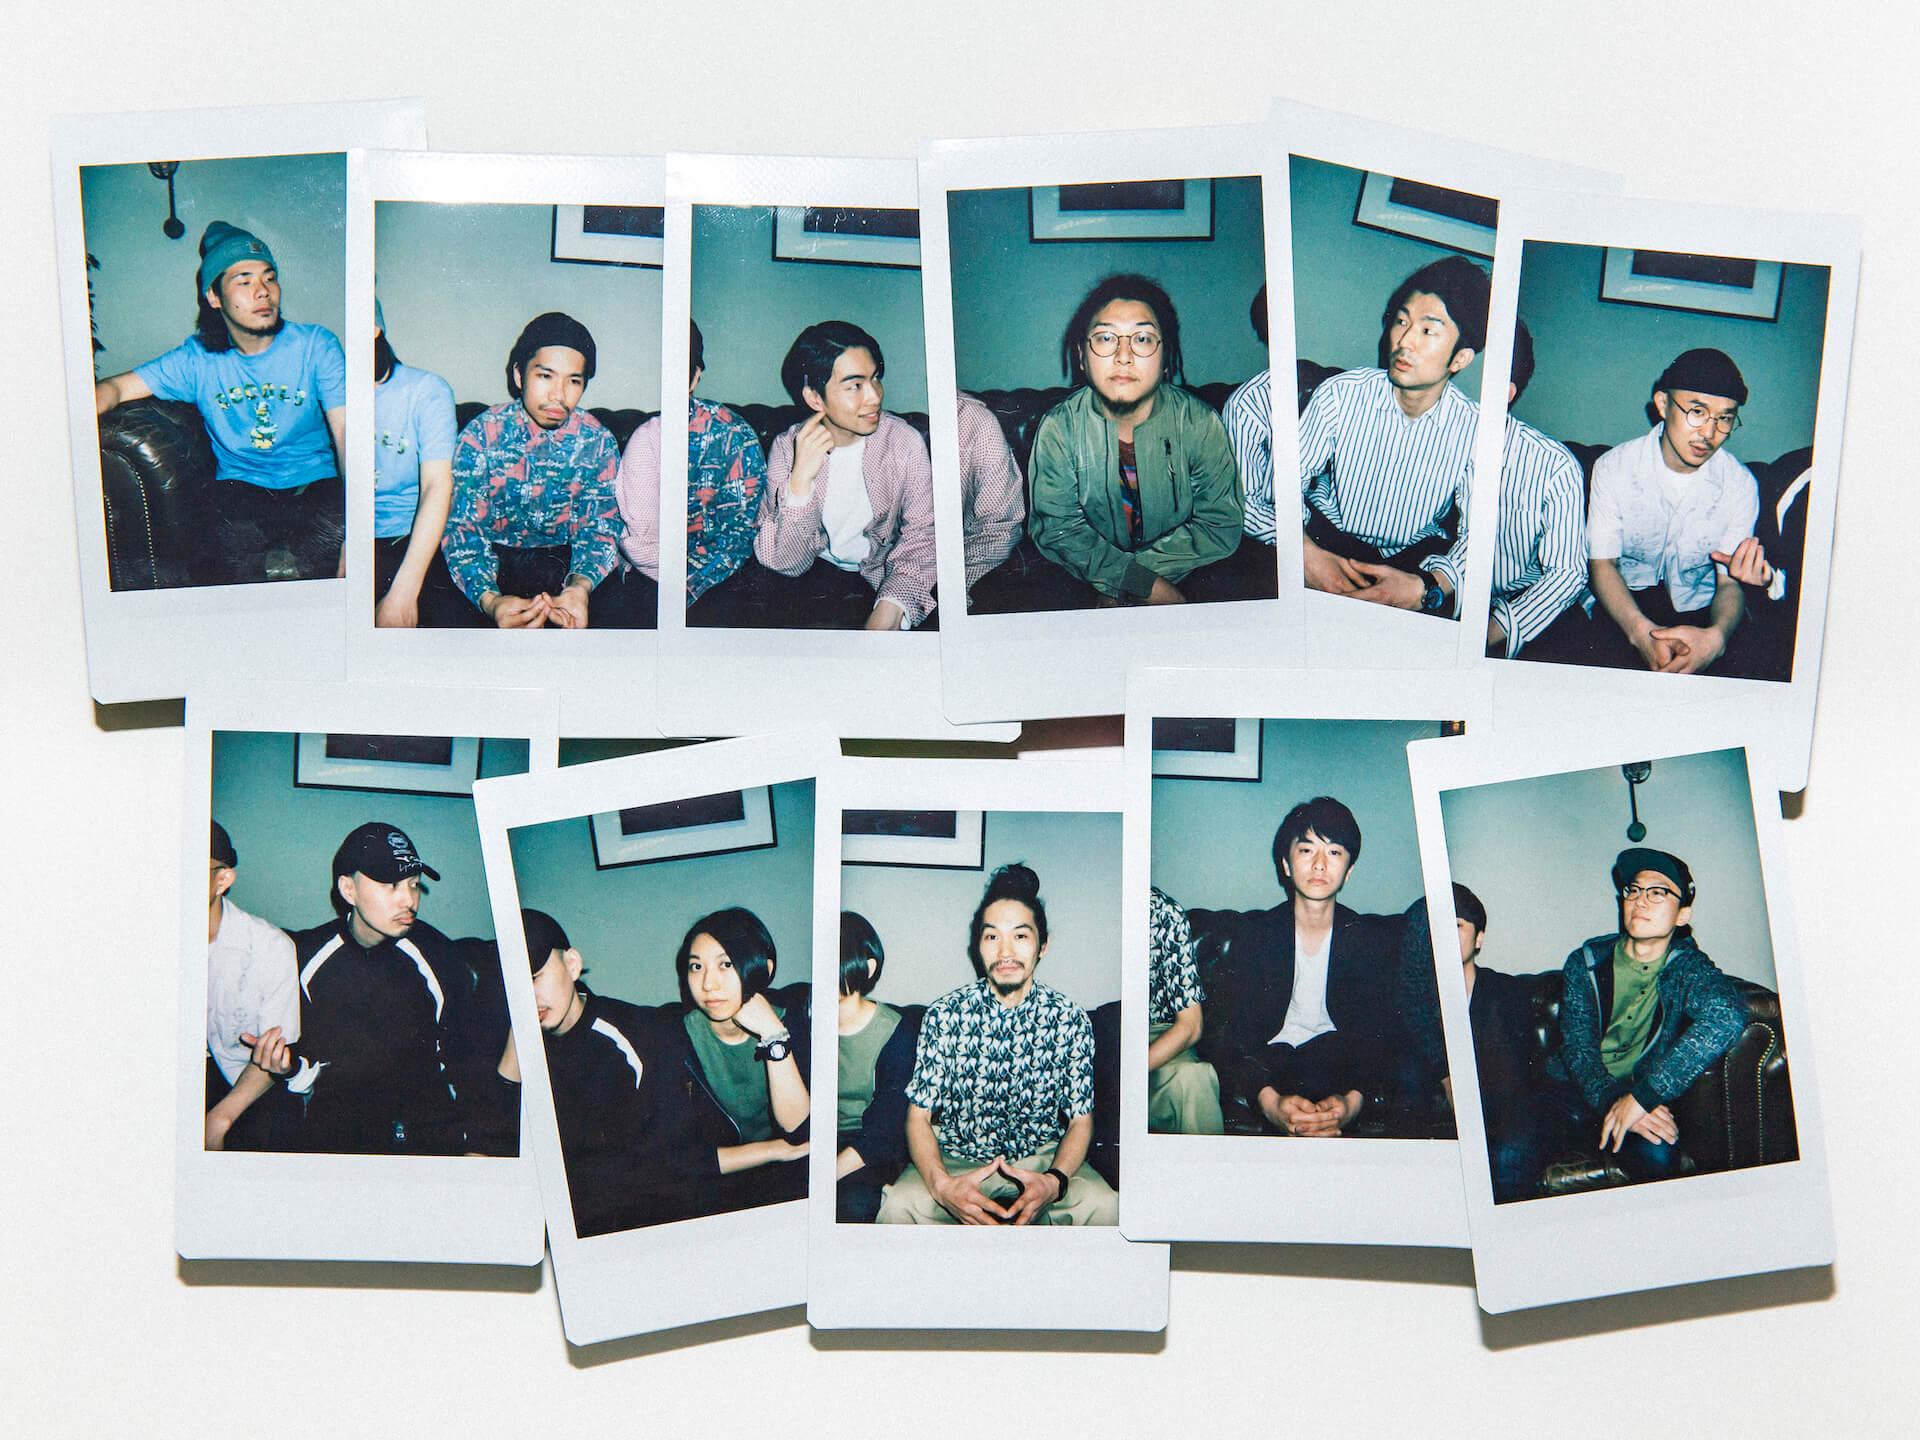 10周年を迎えたSoulflexが、キャリア初の生配信ライブをビルボードライブ大阪で開催決定! music20200805_soulflex1